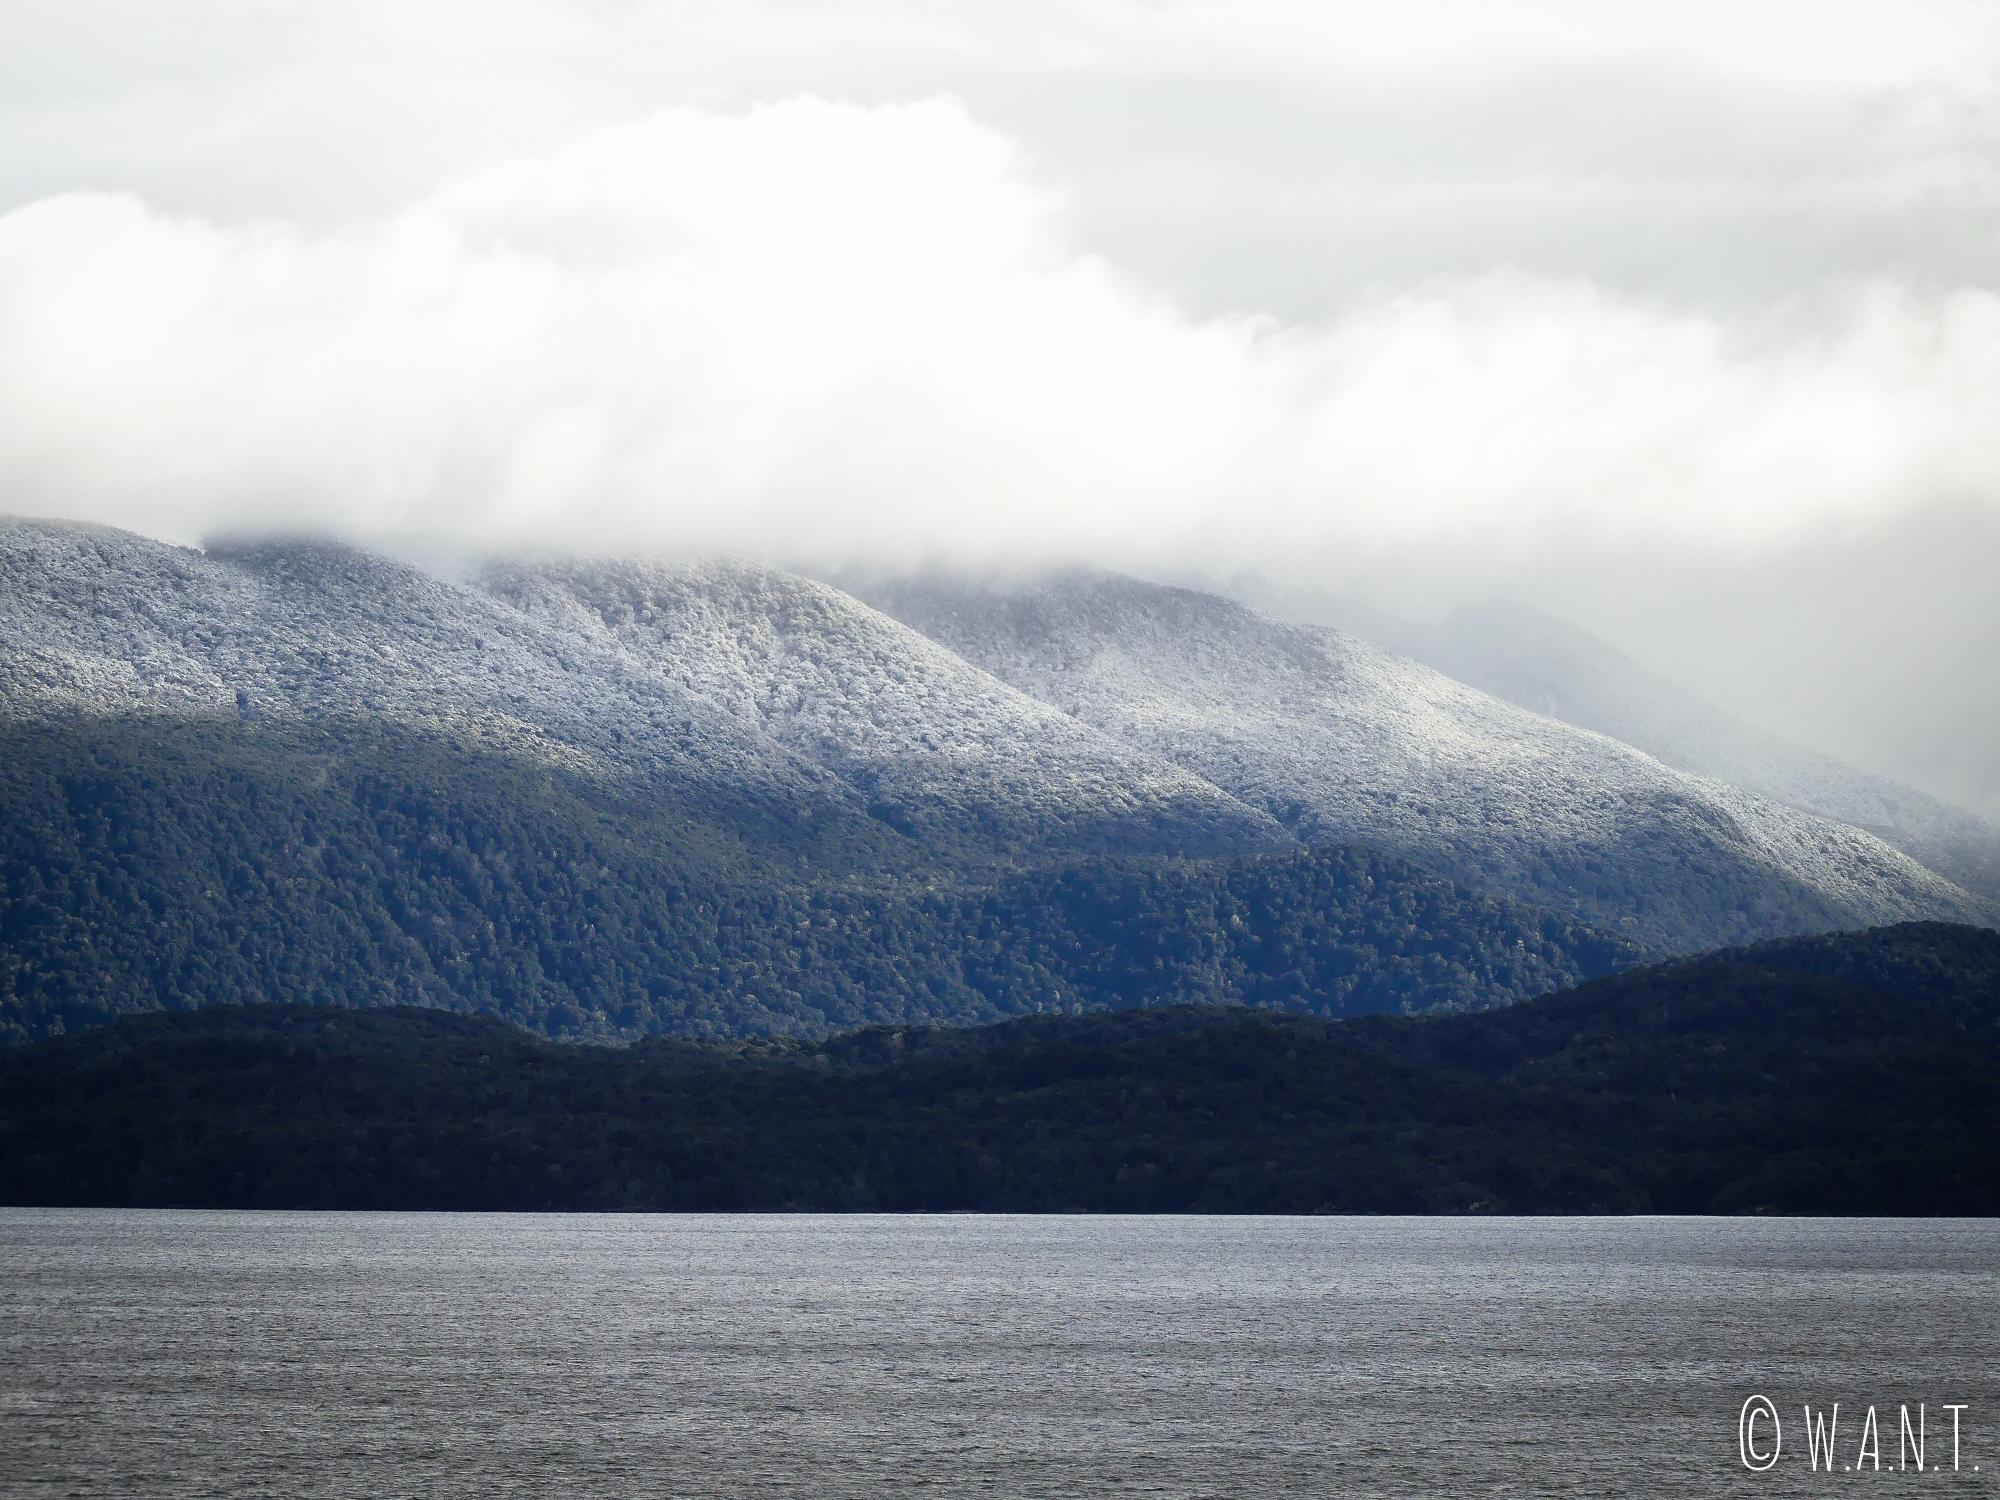 La neige se met à tomber sur le chemin du retour de Milford Sound en Nouvelle-Zélande